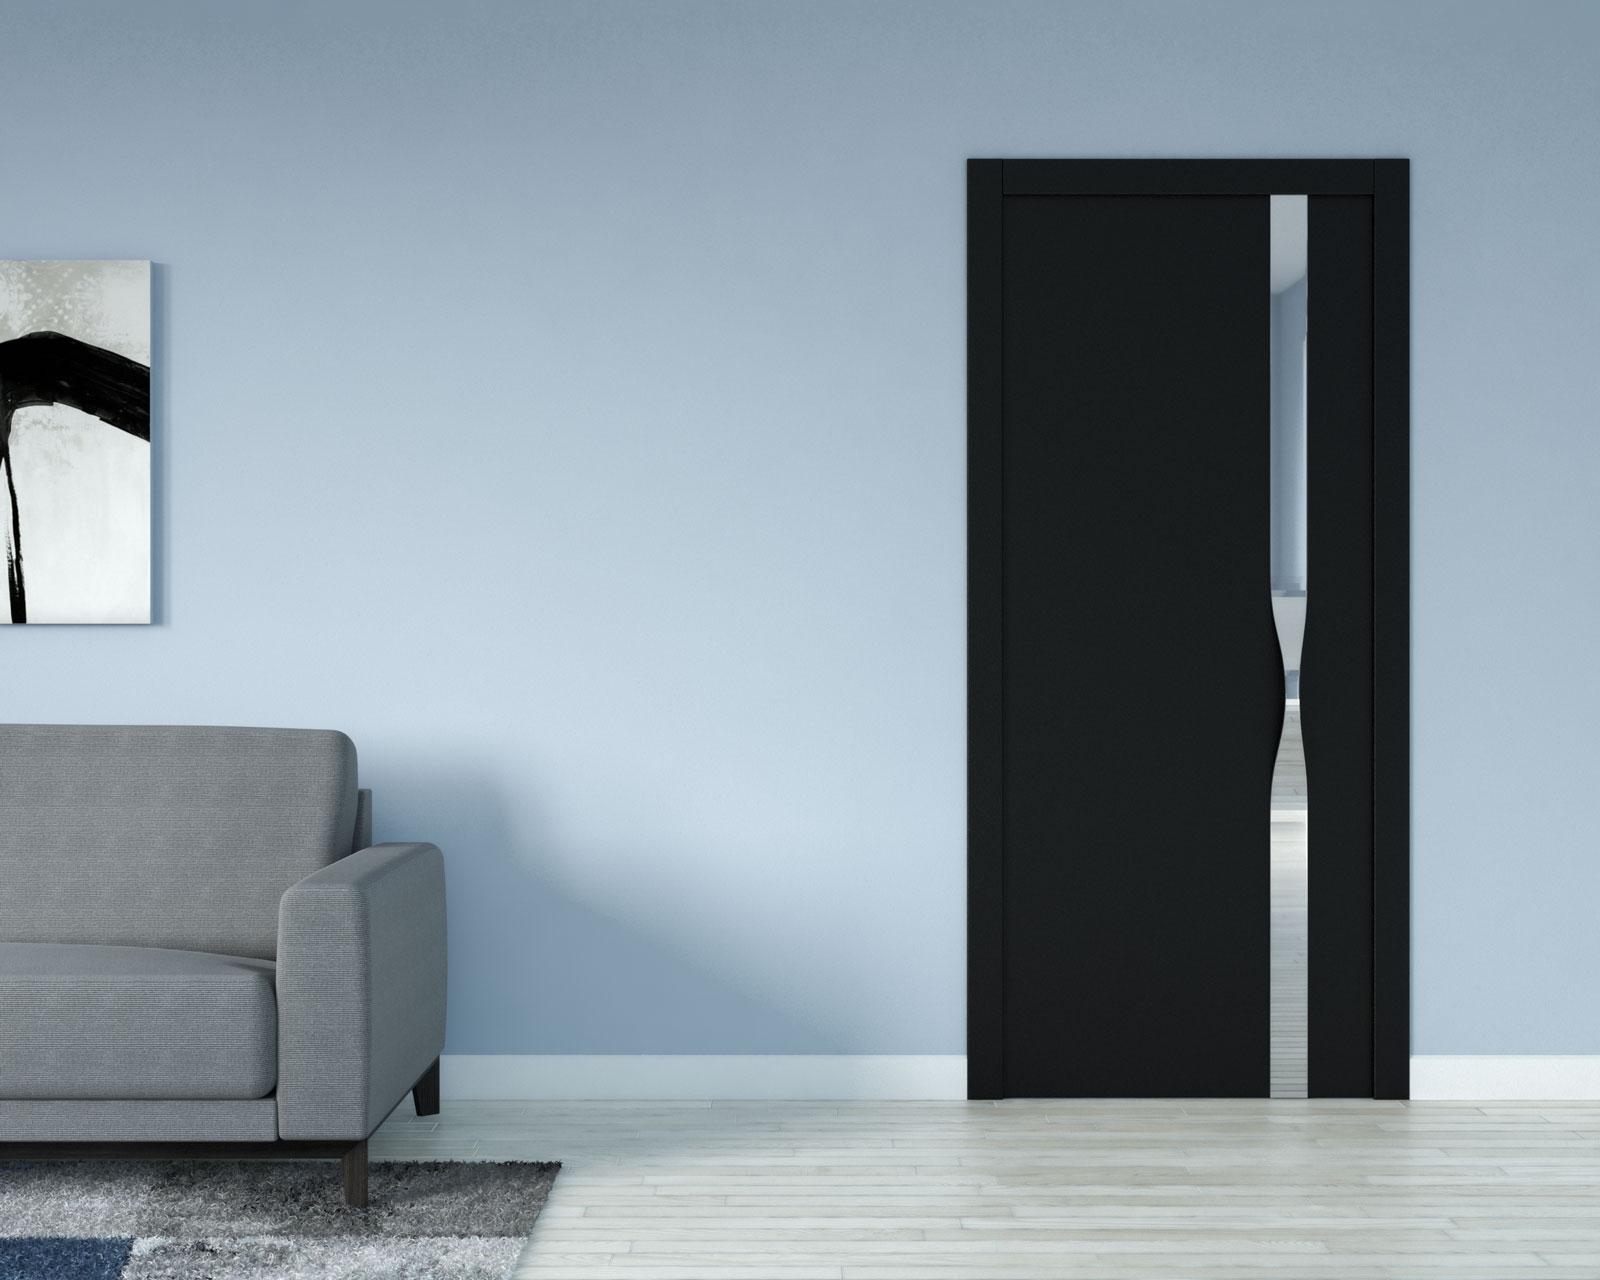 Blue wall with black door